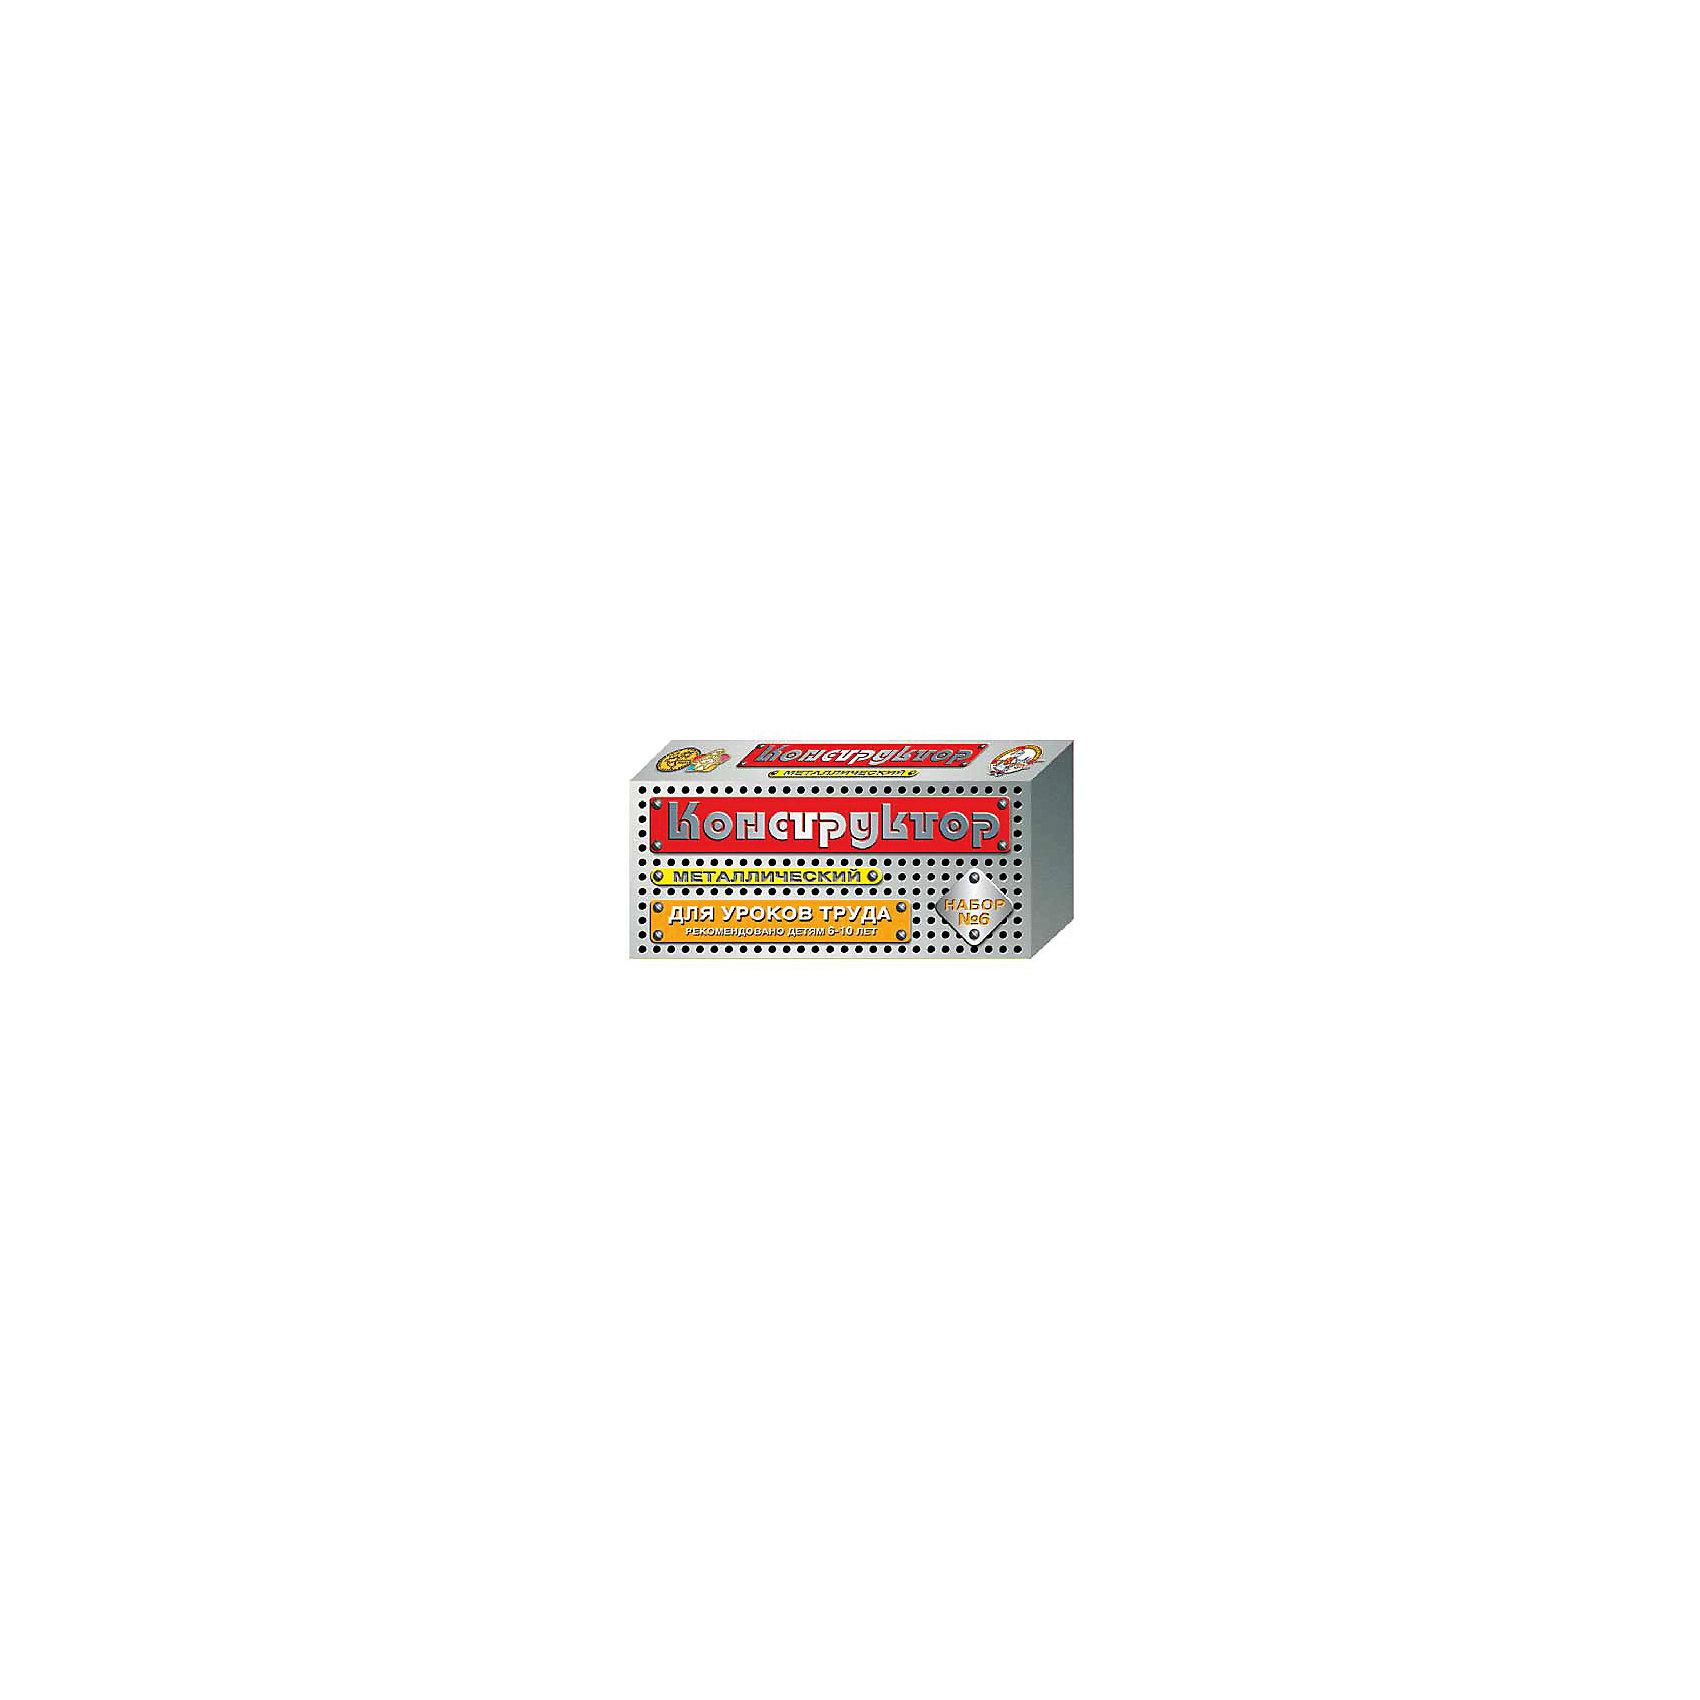 Конструктор металлический, 80 деталей, Десятое королевствоМеталлические конструкторы<br>Конструктор металлический, 80 деталей, Десятое королевство<br><br>Характеристики: <br><br>• Возраст: от 6 лет<br>• Материал: металл<br>• В комплекте: 80 деталей<br><br>Данный металлический конструктор состоит из различных по размеру деталей и позволяет собрать множество видов транспорта - самолет, машину, велосипед и тд. Он создан из качественного, безопасного для детей материала и в него удобно играть, как в одиночку, так и в компании. Набор содержит инструкцию для удобства сборки и соответствует передовым требованиям качества.<br><br>Конструктор металлический, 80 деталей, Десятое королевство можно купить в нашем интернет-магазине.<br><br>Ширина мм: 230<br>Глубина мм: 100<br>Высота мм: 35<br>Вес г: 284<br>Возраст от месяцев: 84<br>Возраст до месяцев: 2147483647<br>Пол: Мужской<br>Возраст: Детский<br>SKU: 5473798